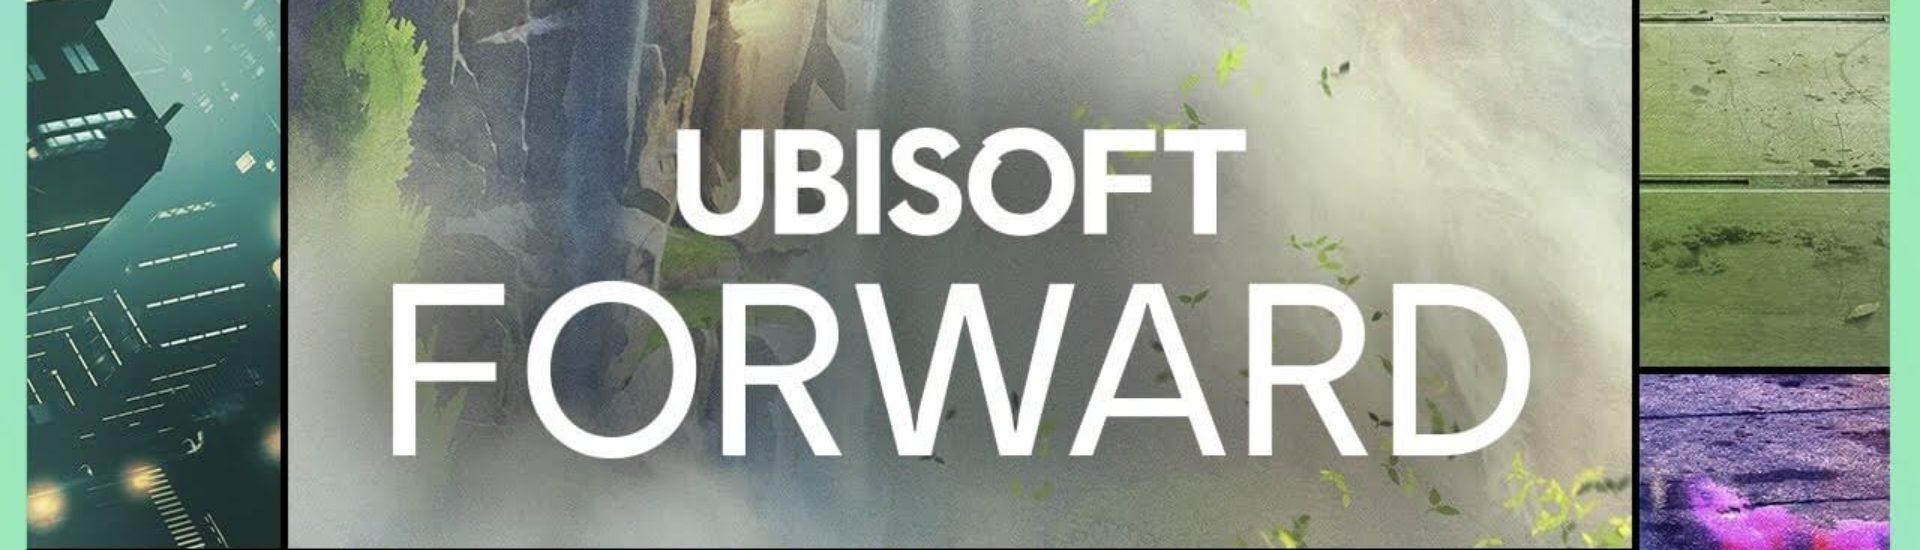 Ubisoft Forward: Alle Infos, Trailer und Neues über die Rückkehr des Prinzen